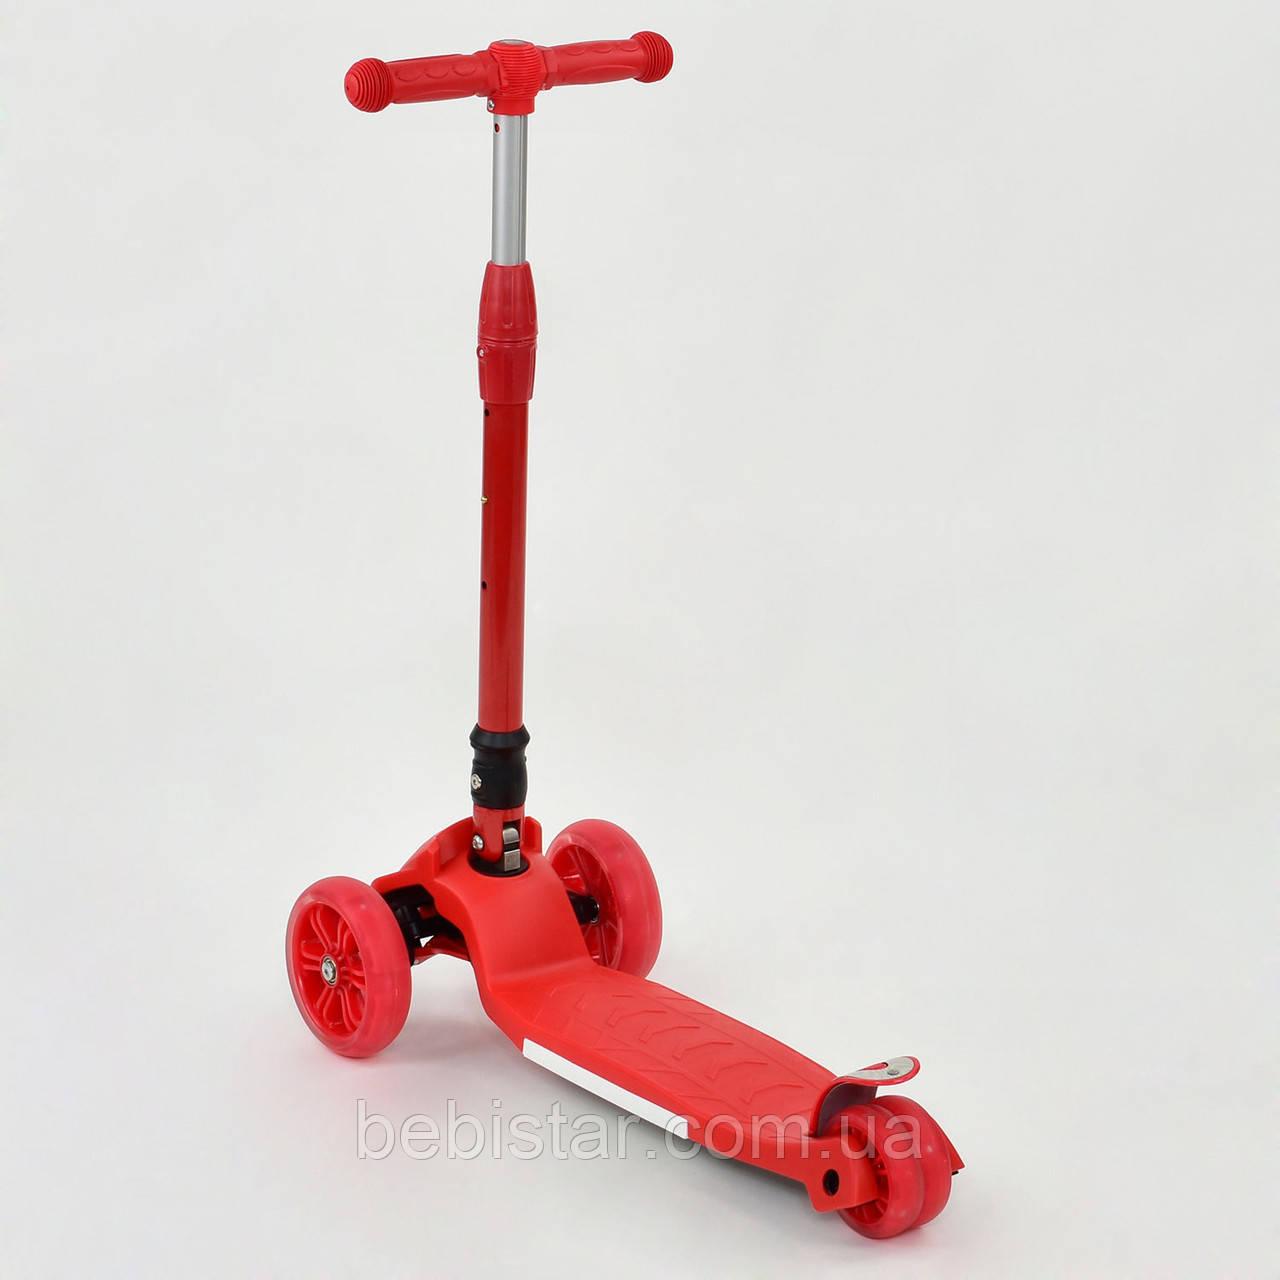 Самокат детский складной красный со светящимися колесами и подсветкой платформы Best Scooter - фото 2